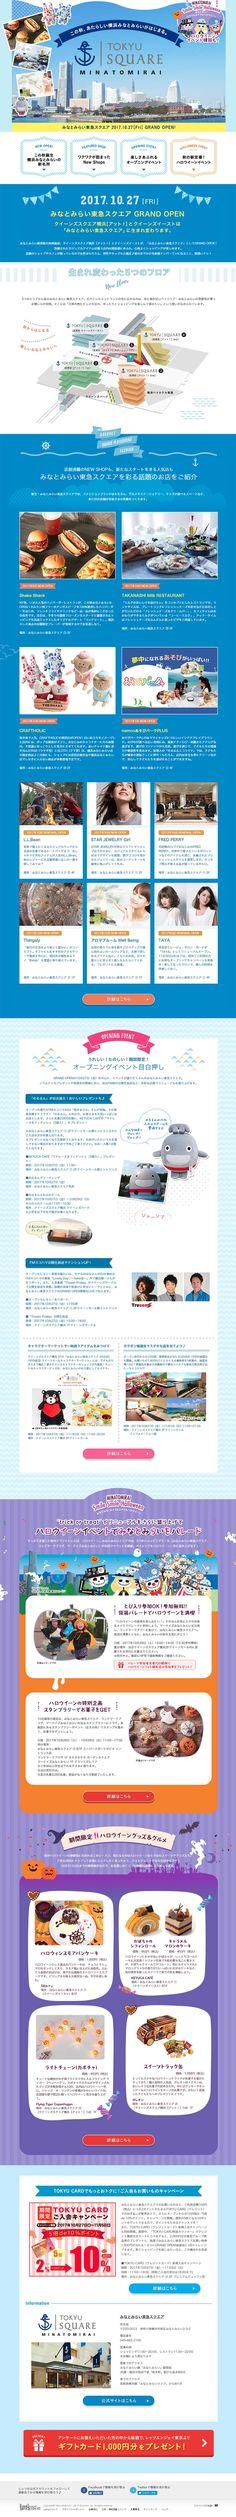 東京地下鉄株式会社様の「みなとみらい東急スクエア」のランディングページ(LP)かわいい系|サービス・保険・金融 #LP #ランディングページ #ランペ #みなとみらい東急スクエア